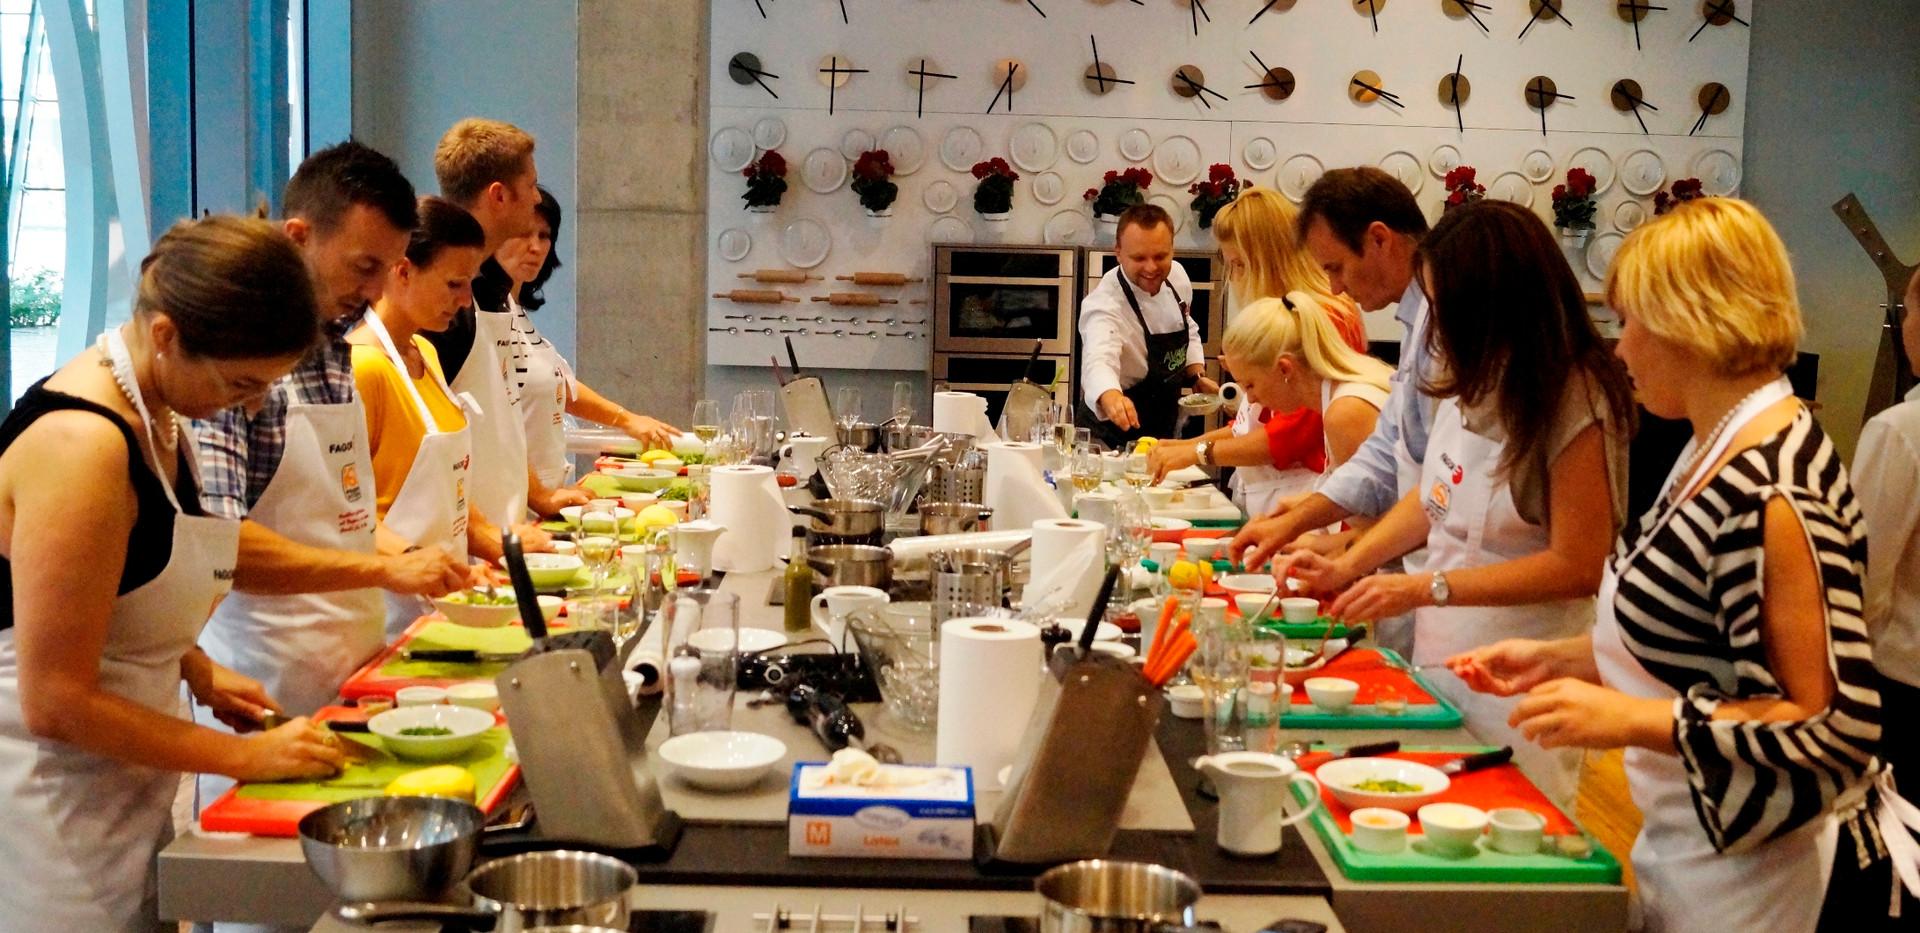 Bibimbap cooking-02.jpg